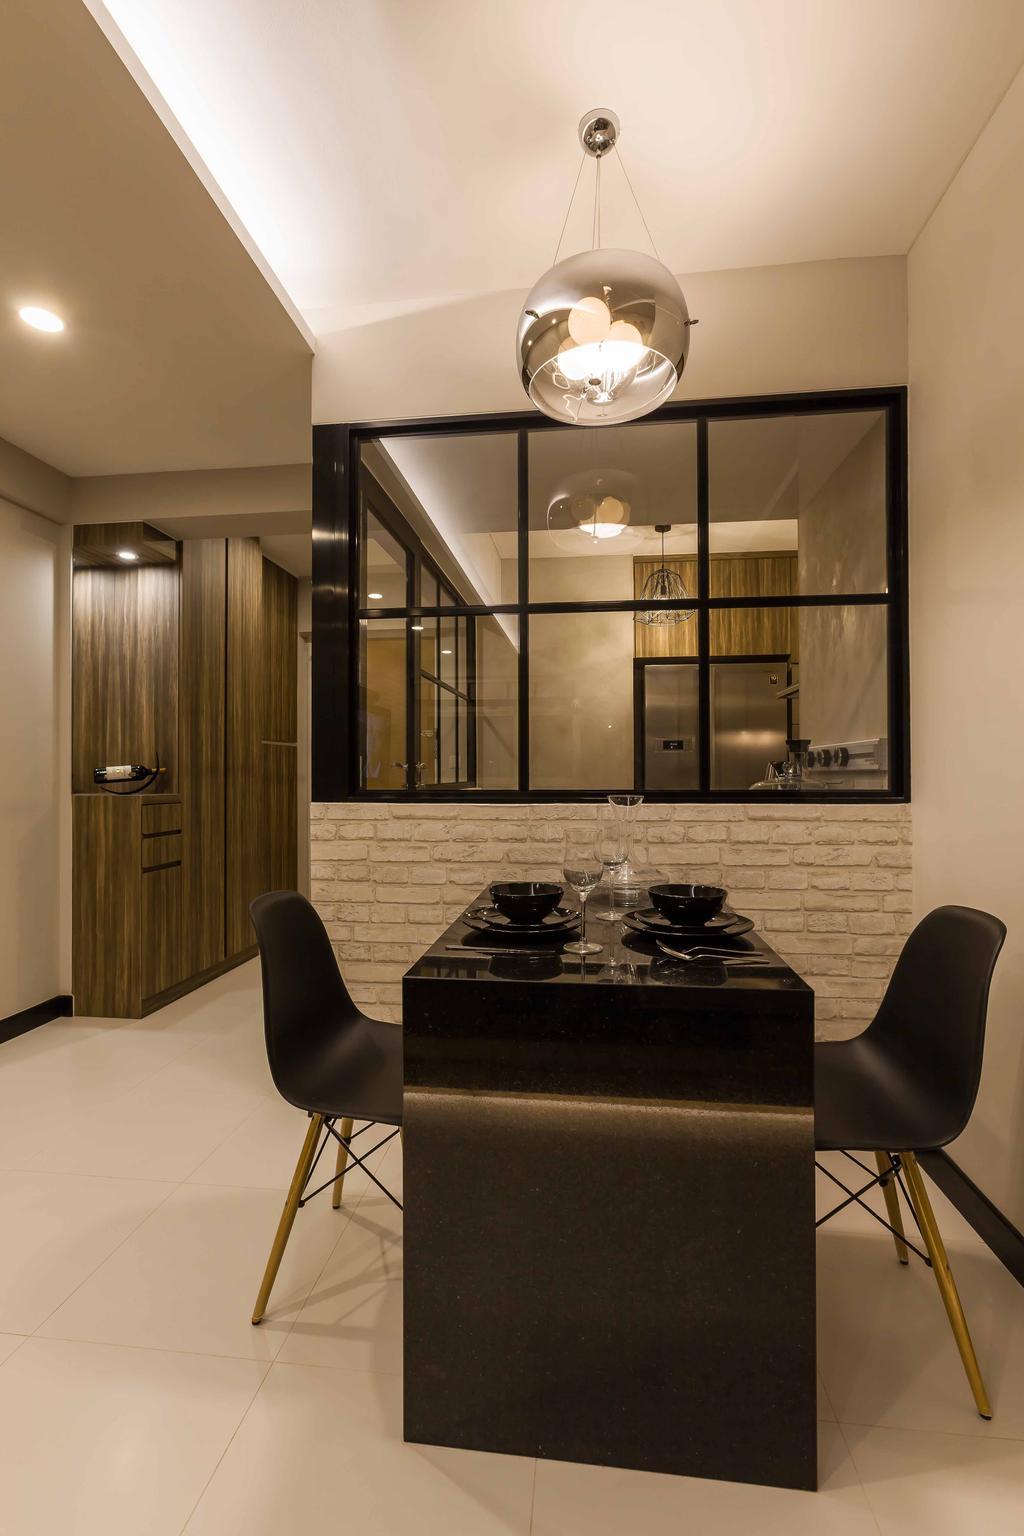 Interior Design Of Dining Room: Interior Design Singapore